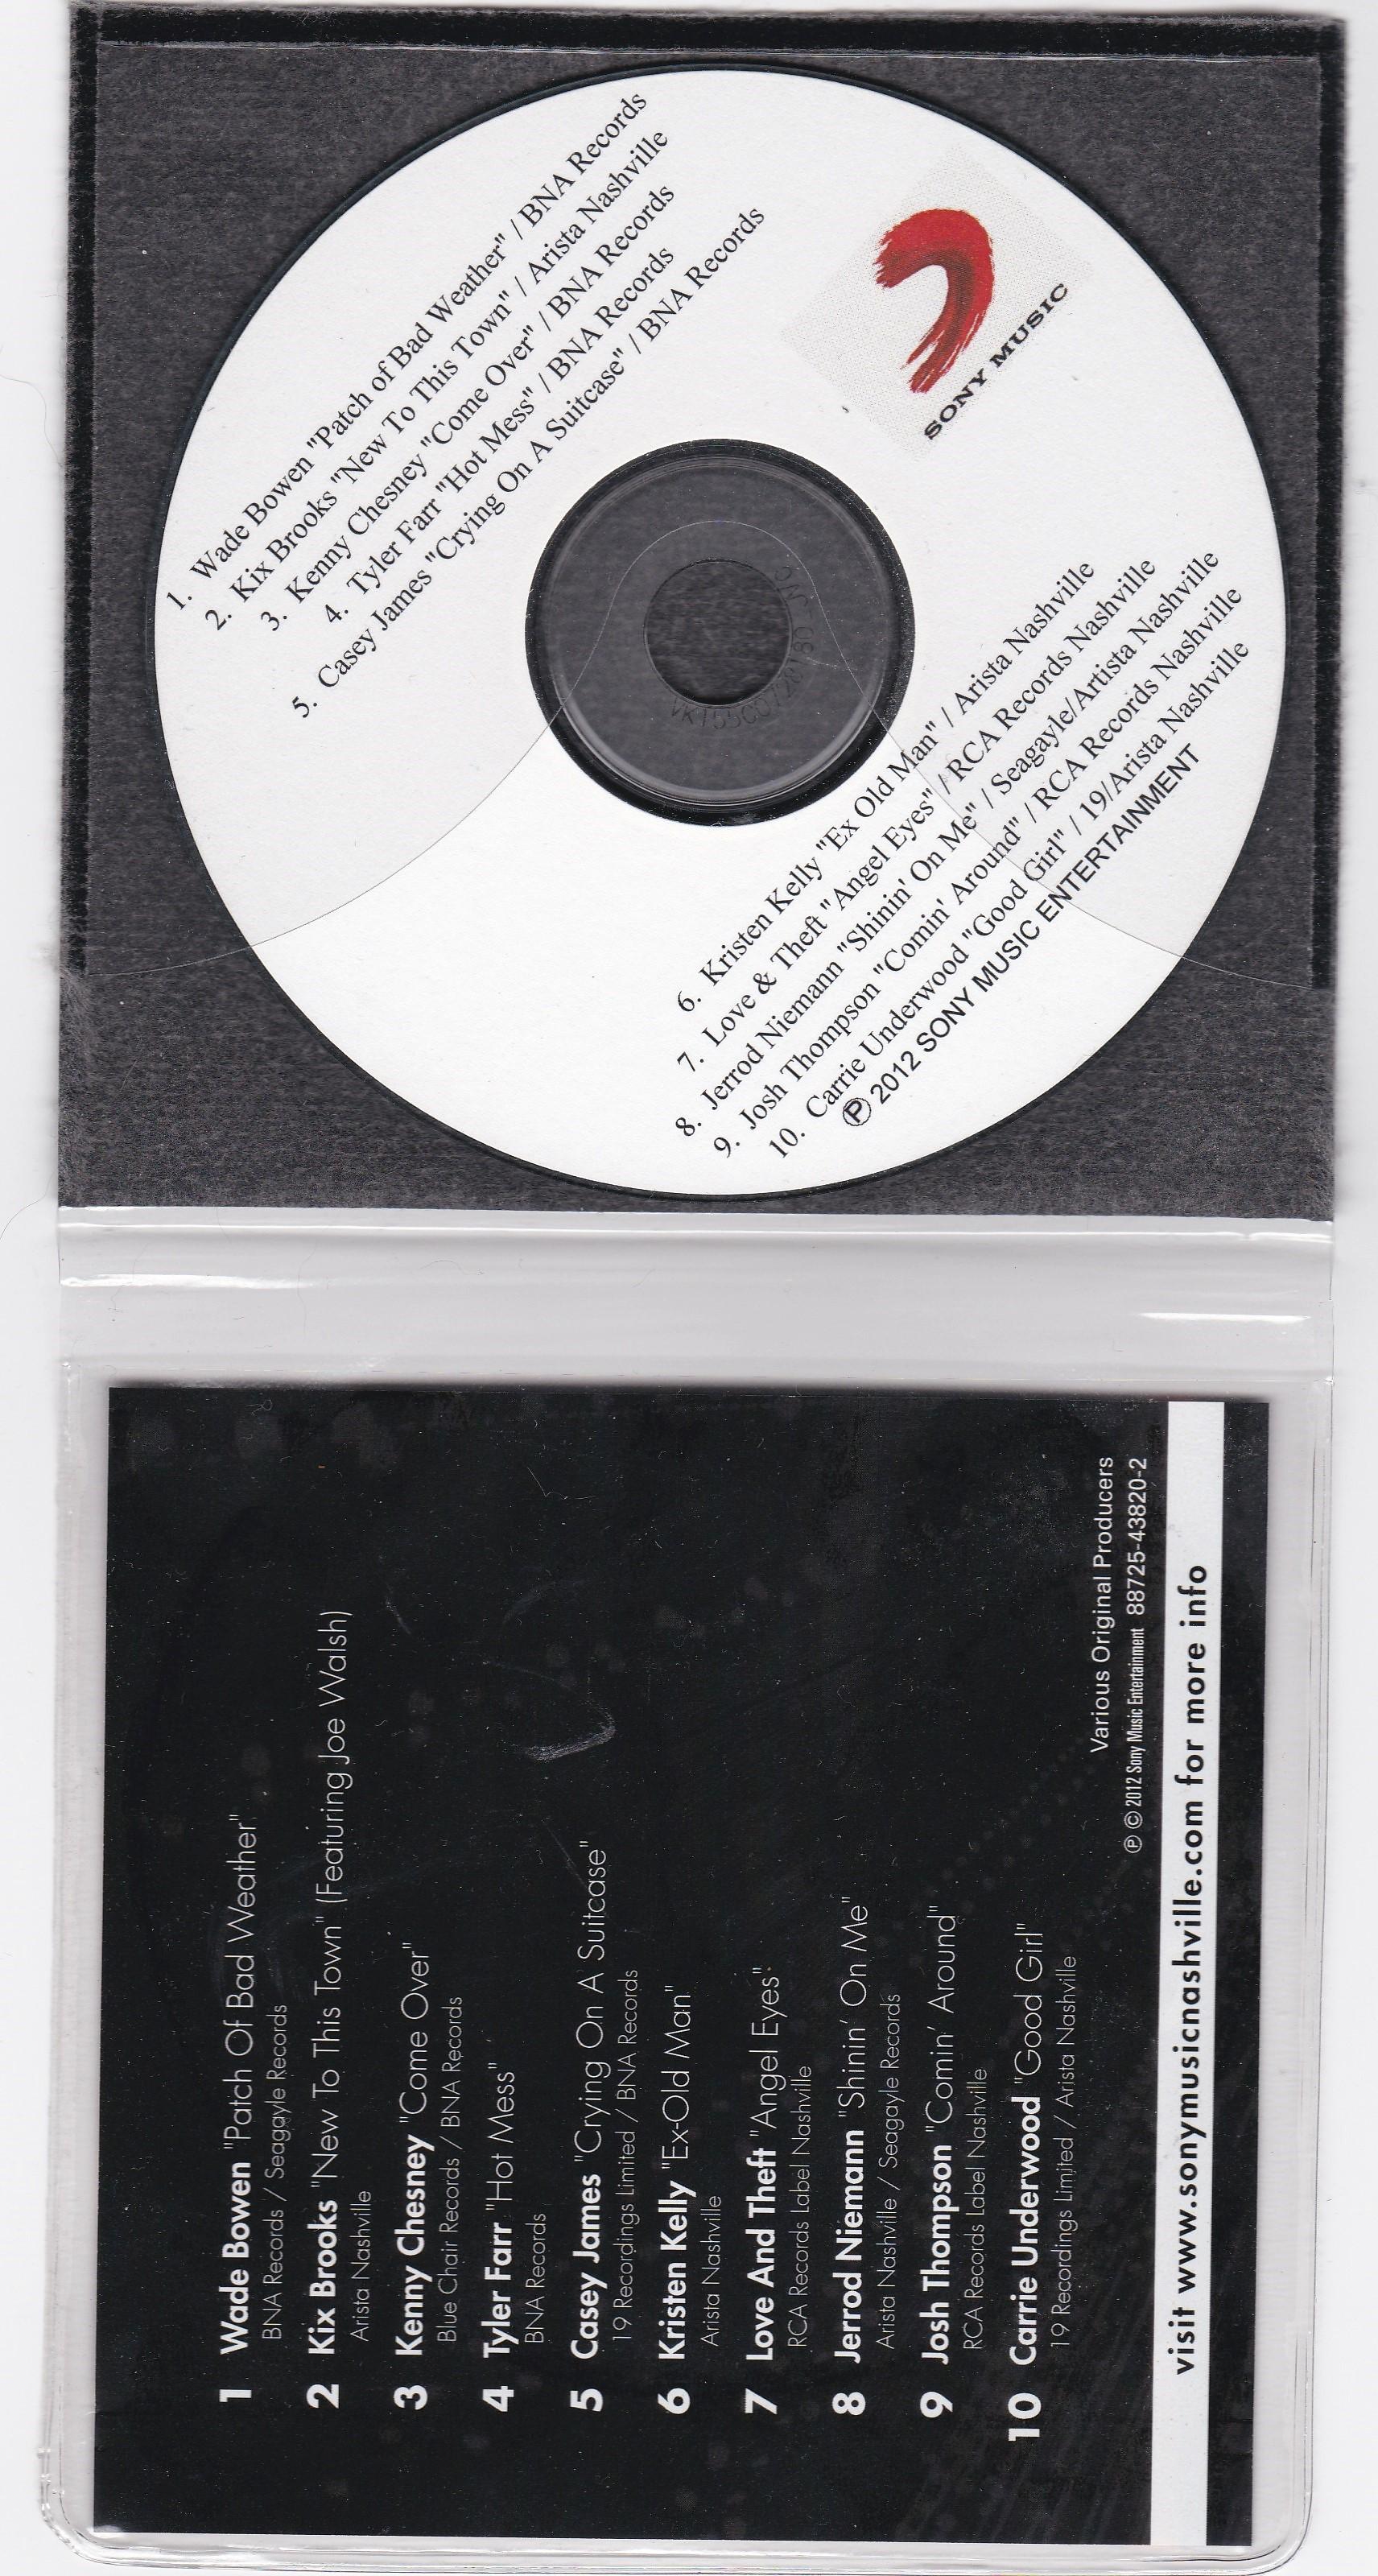 Sony Music Nashville - 2012 Label Sampler CD